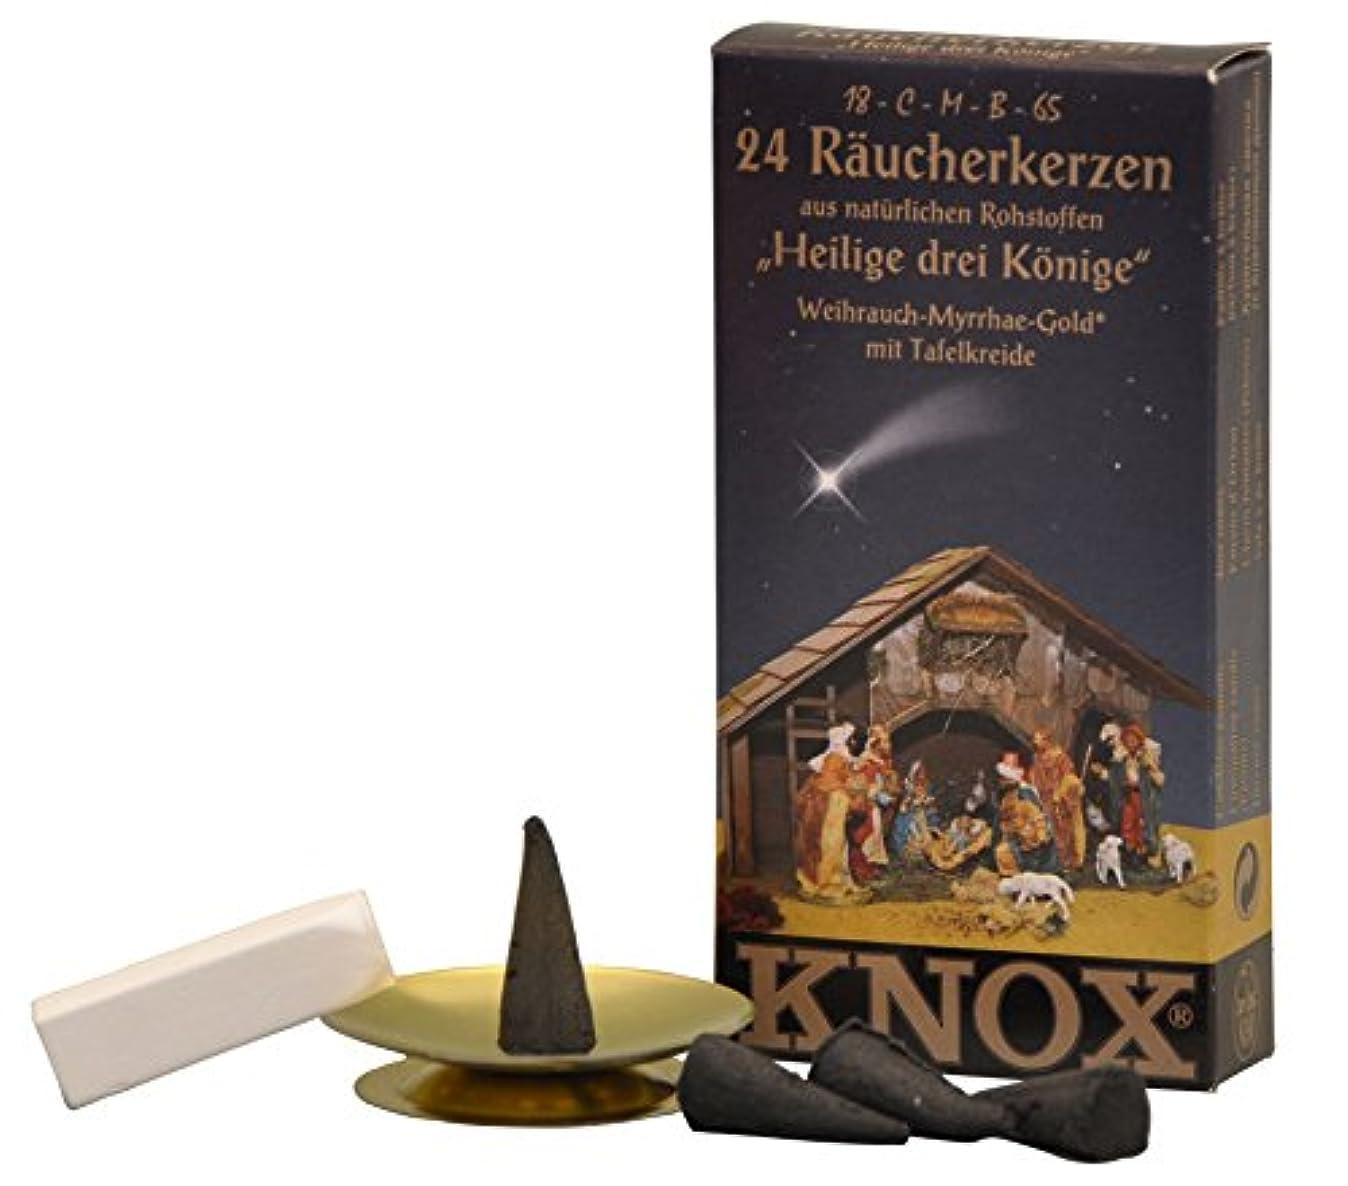 サイバースペース高く変えるKnox Three KingsクリスマスMyrrh Incense Cones withチョークandゴールドシェルSmokers